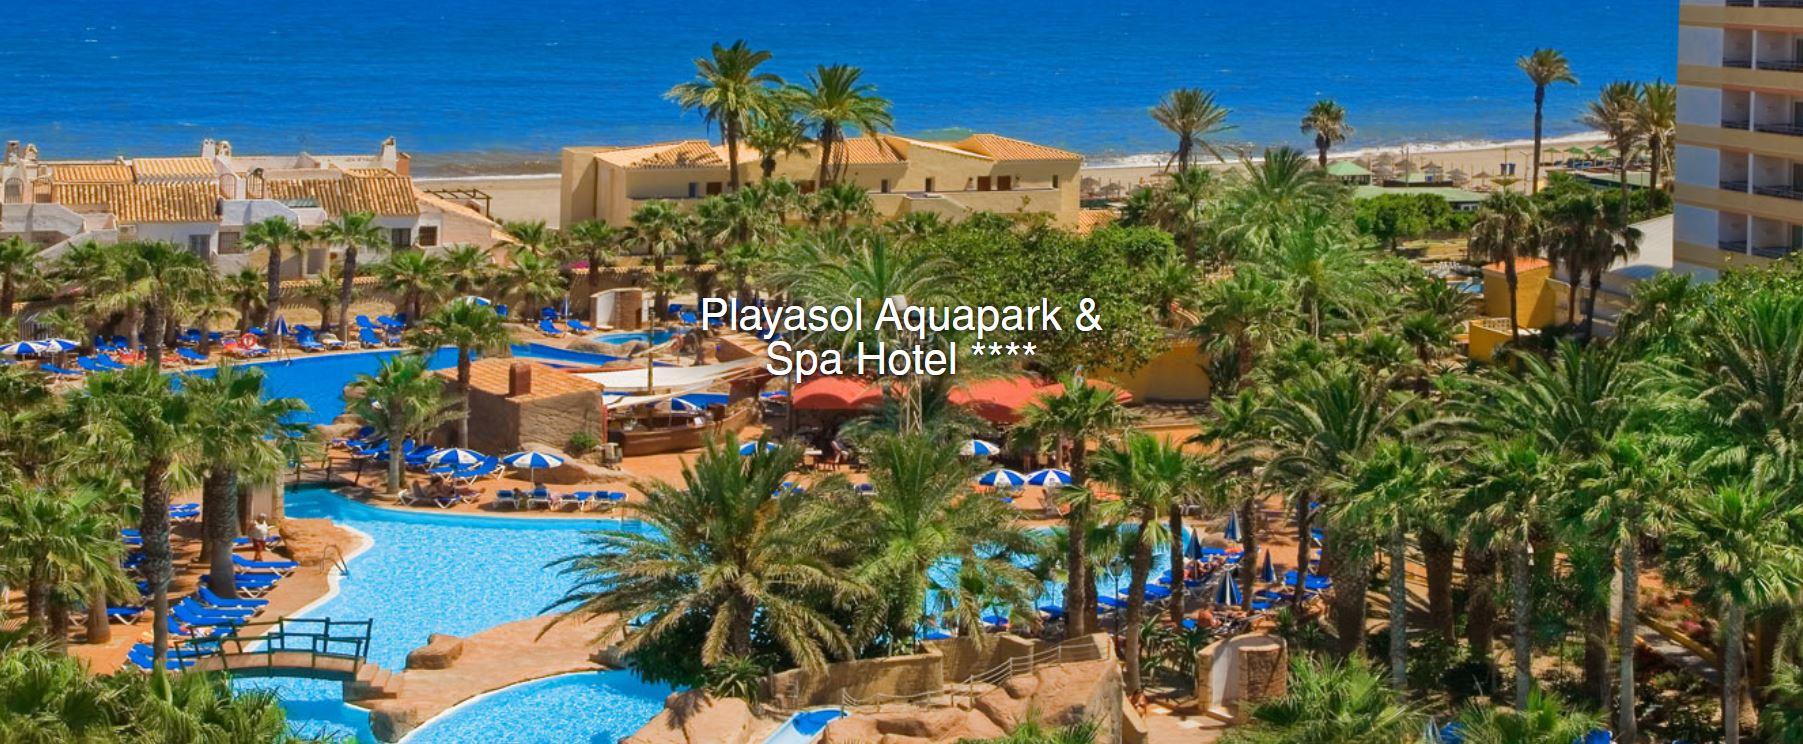 Hotel Playasol Aquapark y Spa Roquetas Añmeria